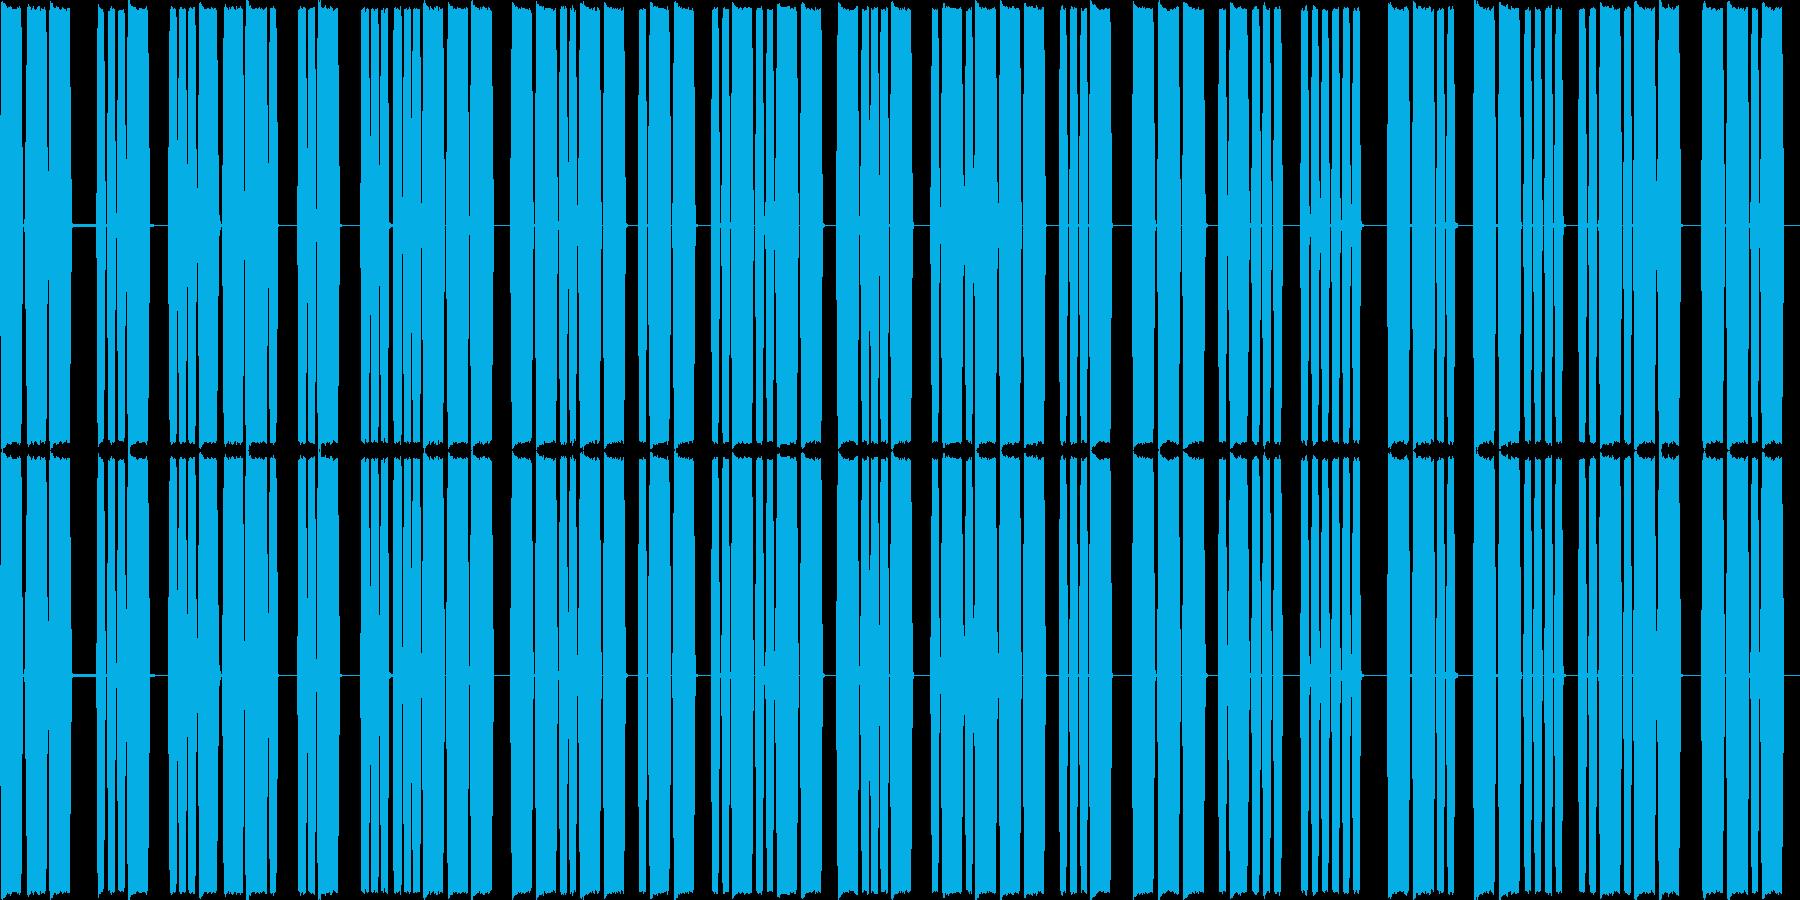 モールス信号の再生済みの波形